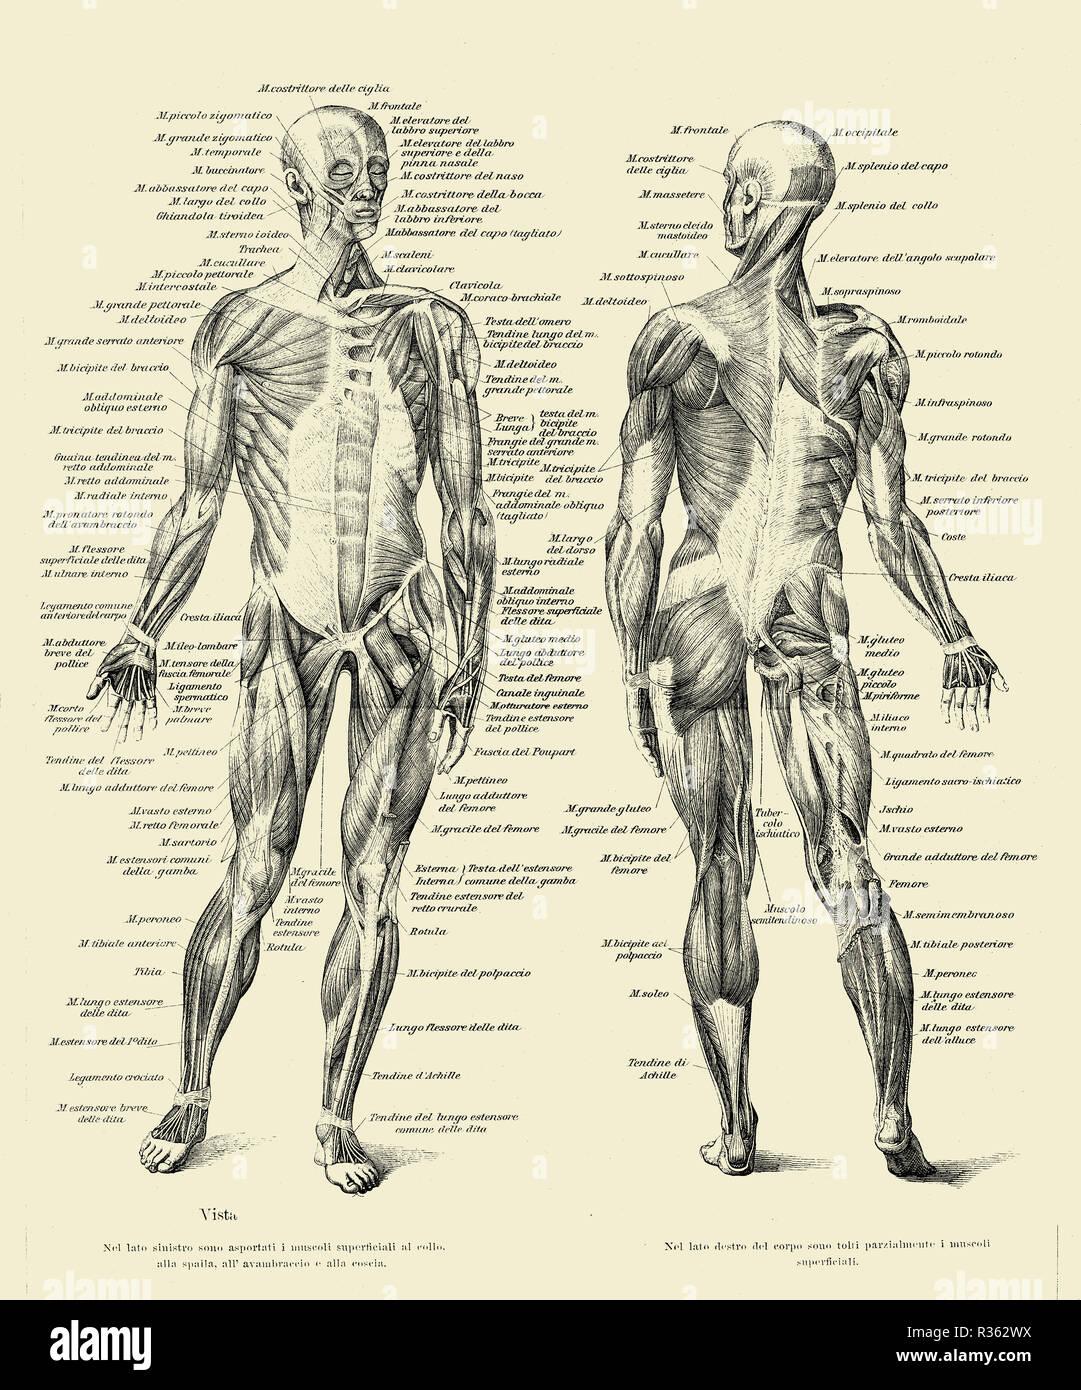 Ilustración vintage de la anatomía humana completa estructura muscular por delante y por detrás, con descripciones anatómicas italiano Imagen De Stock